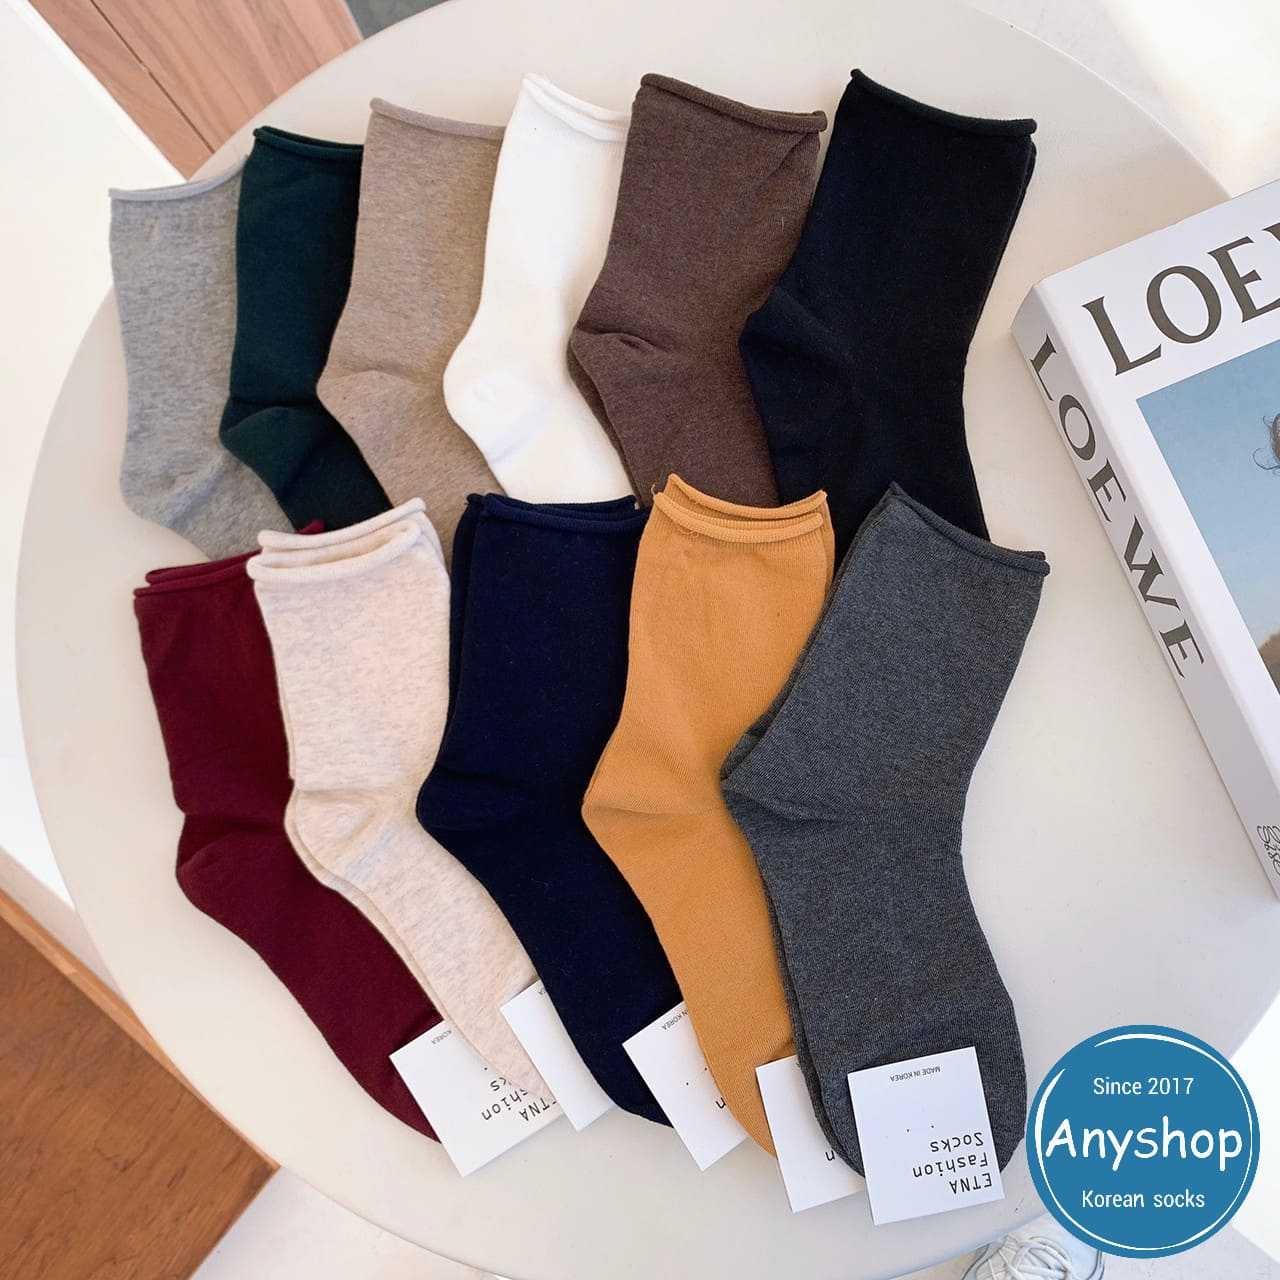 韓國襪-[Anyshop]ETNA經典無痕捲邊素襪